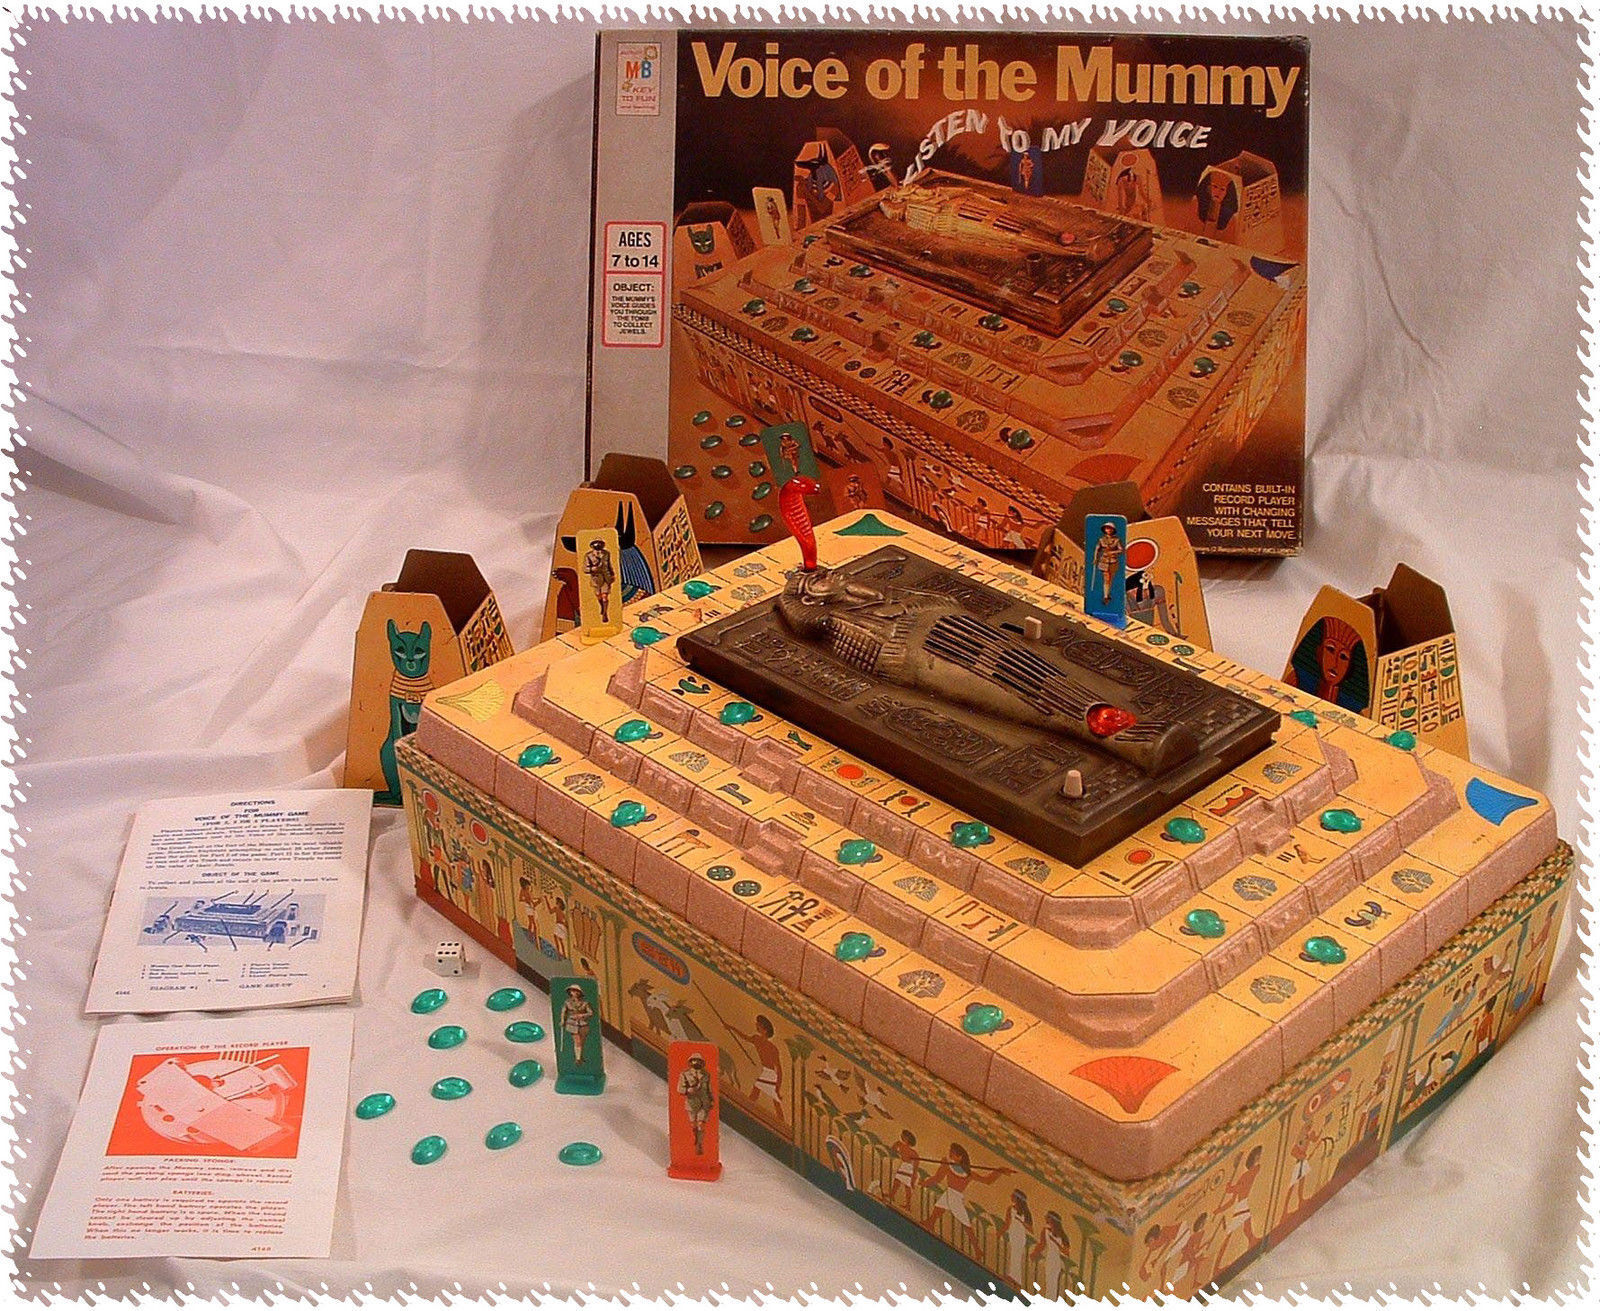 Voz de 1971 de la momia Juego De Mesa-verde precious jewels-Completa Funcionando 100%